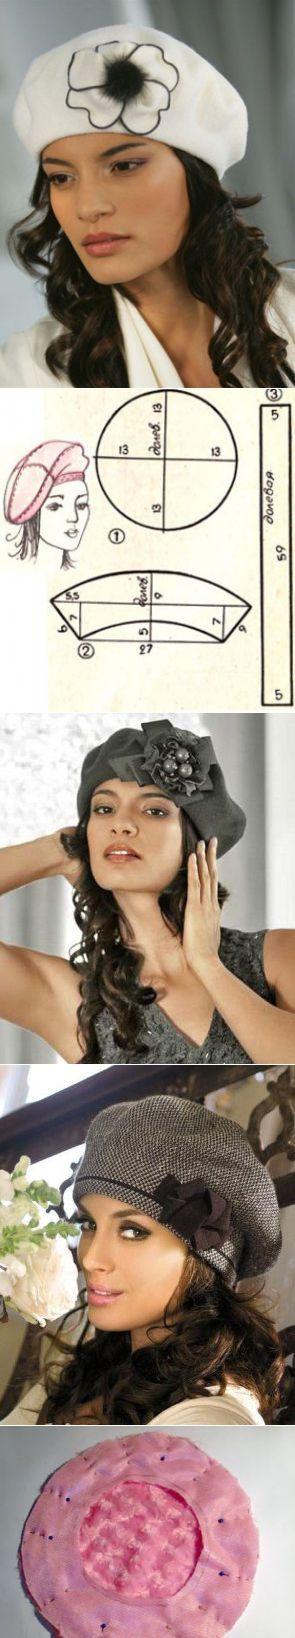 Chapeau!: